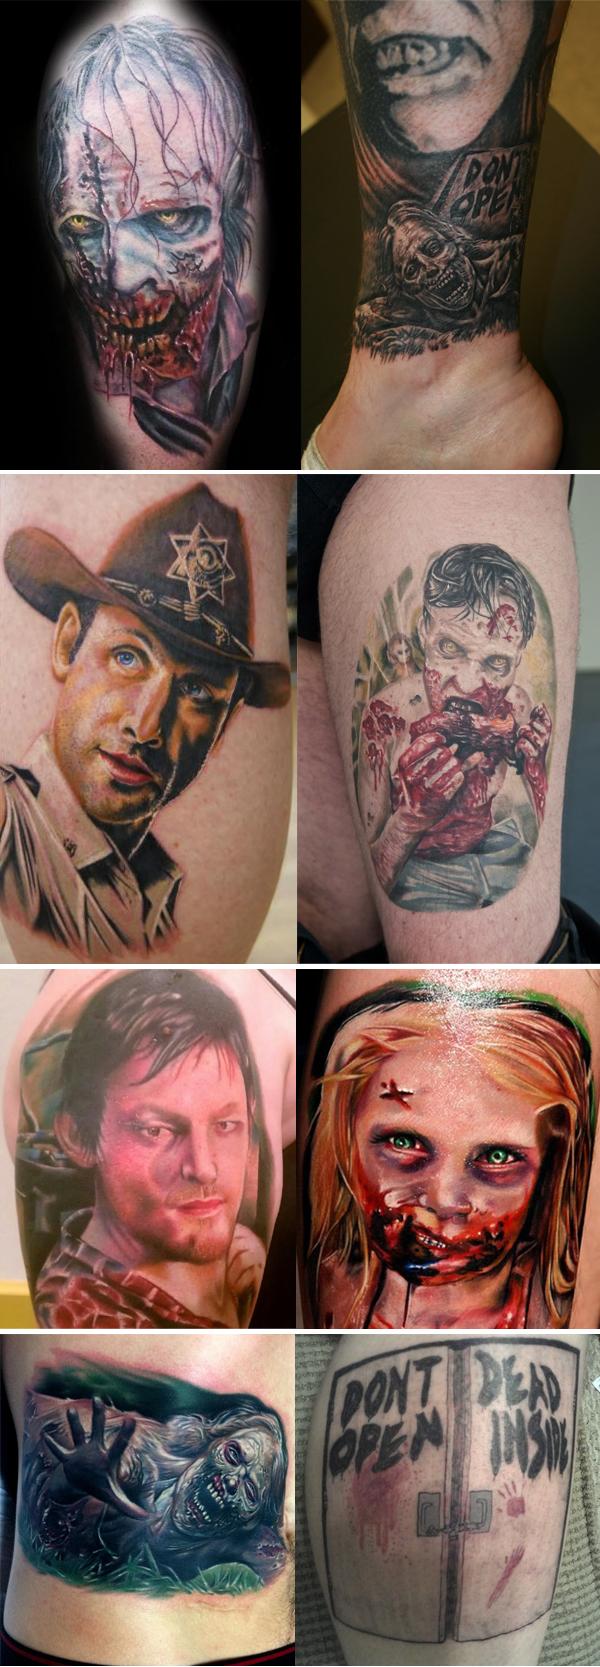 Tatuagens inspiradas em The Walking Dead